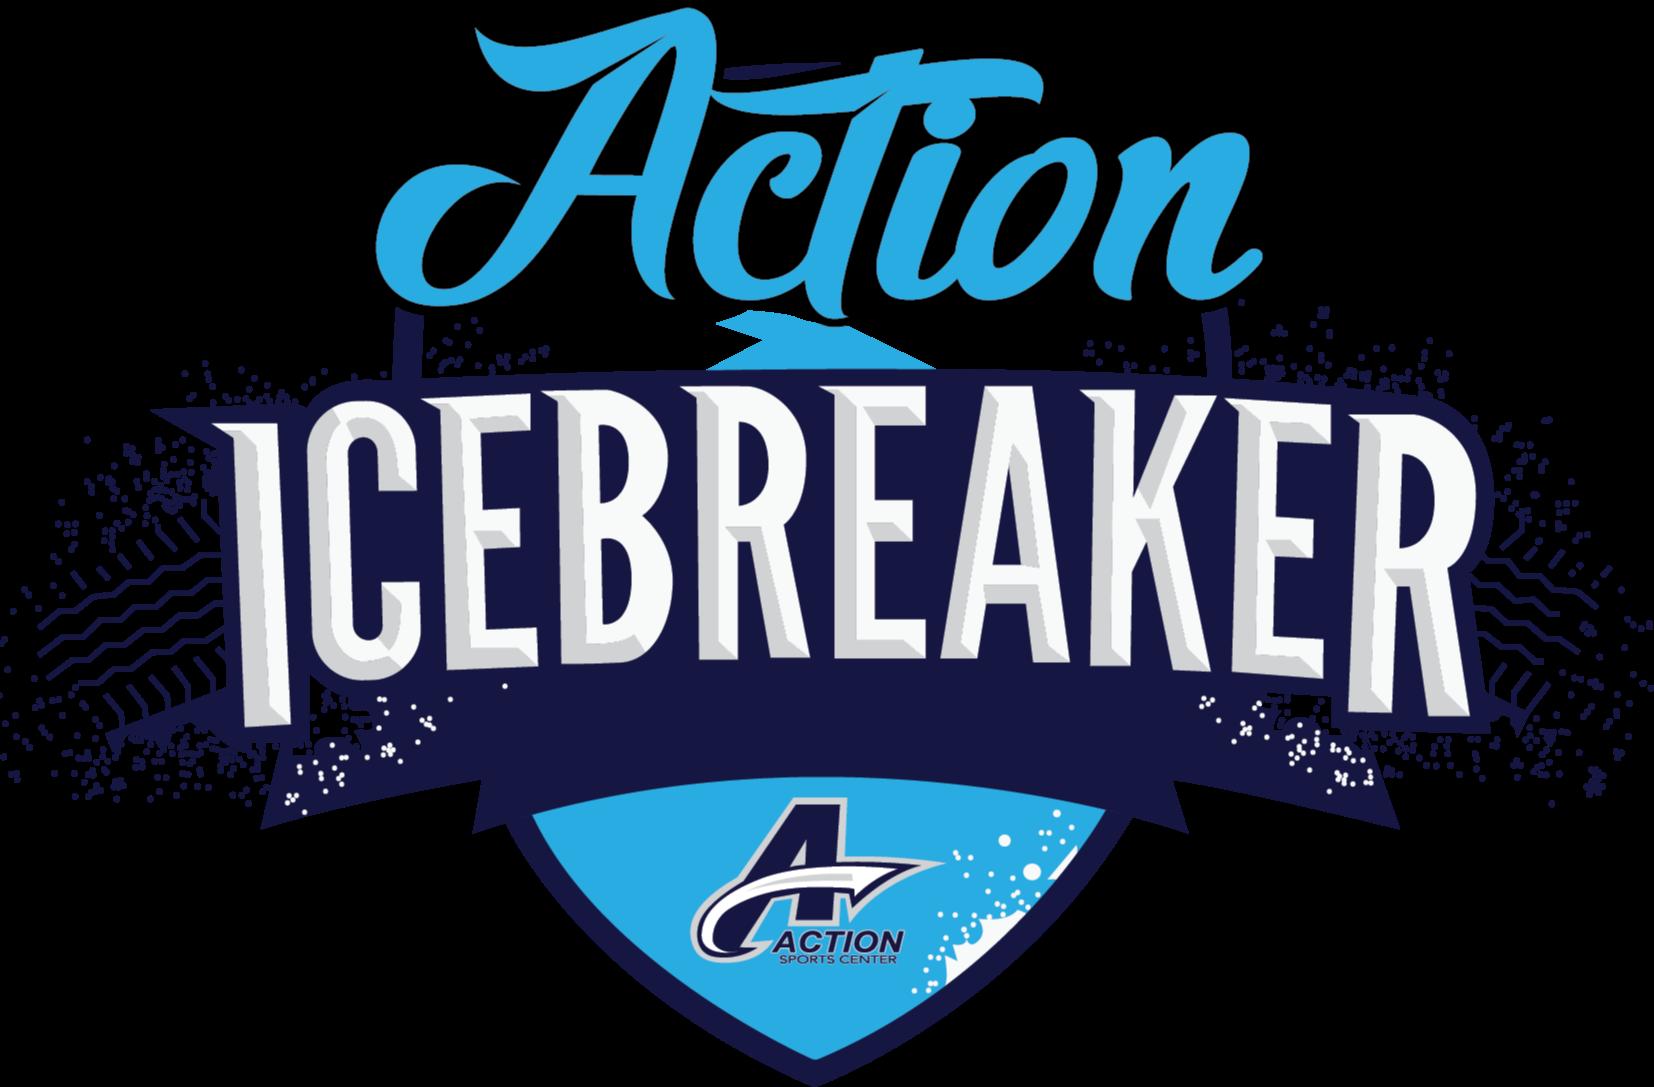 Ice Breaker (Free Entry Fee)